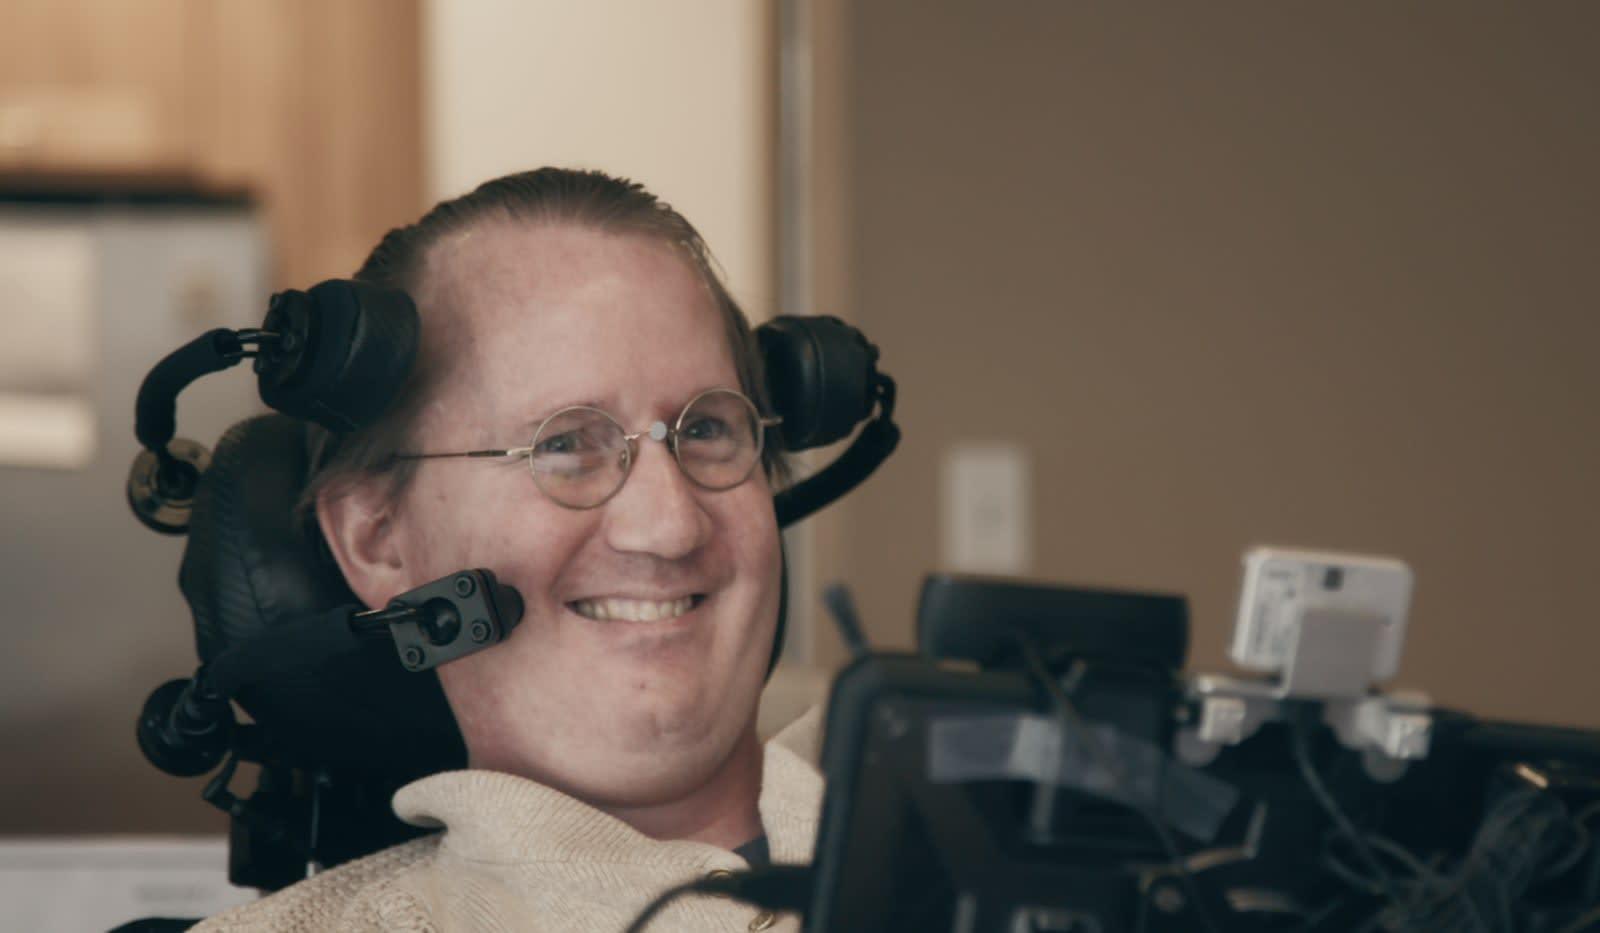 технологій Google, щоб повернути людям з порушеннями мовлення голос